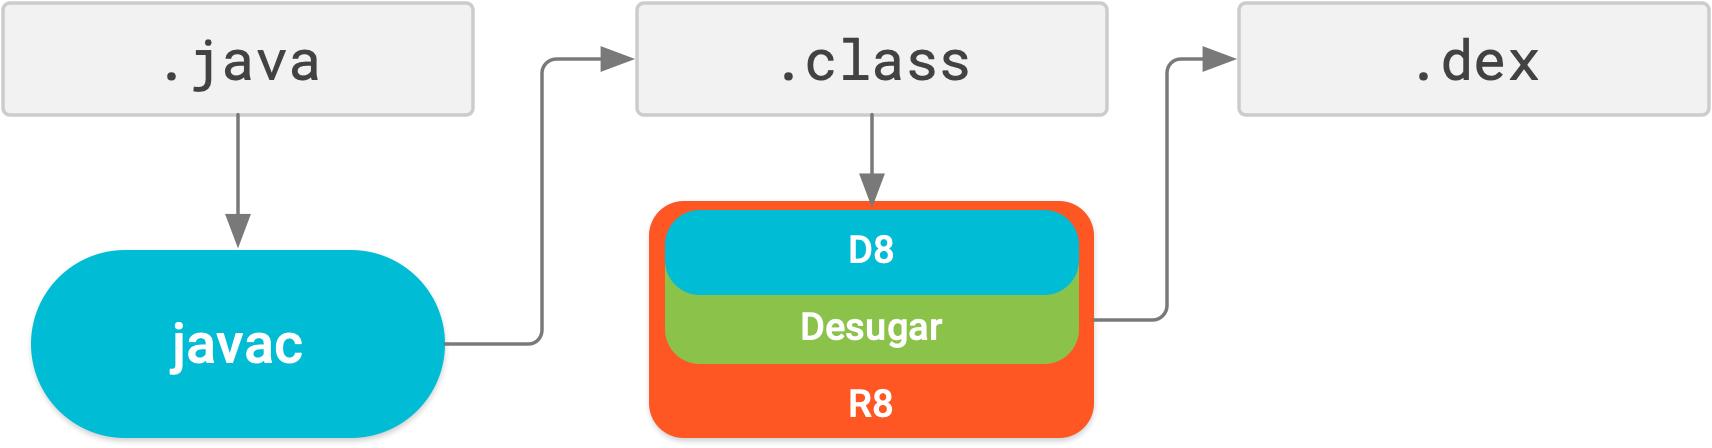 Dengan R8, desugaring, penyingkatan, obfuscation, pengoptimalan, dan dexing           dilakukan dalam satu langkah kompilasi.